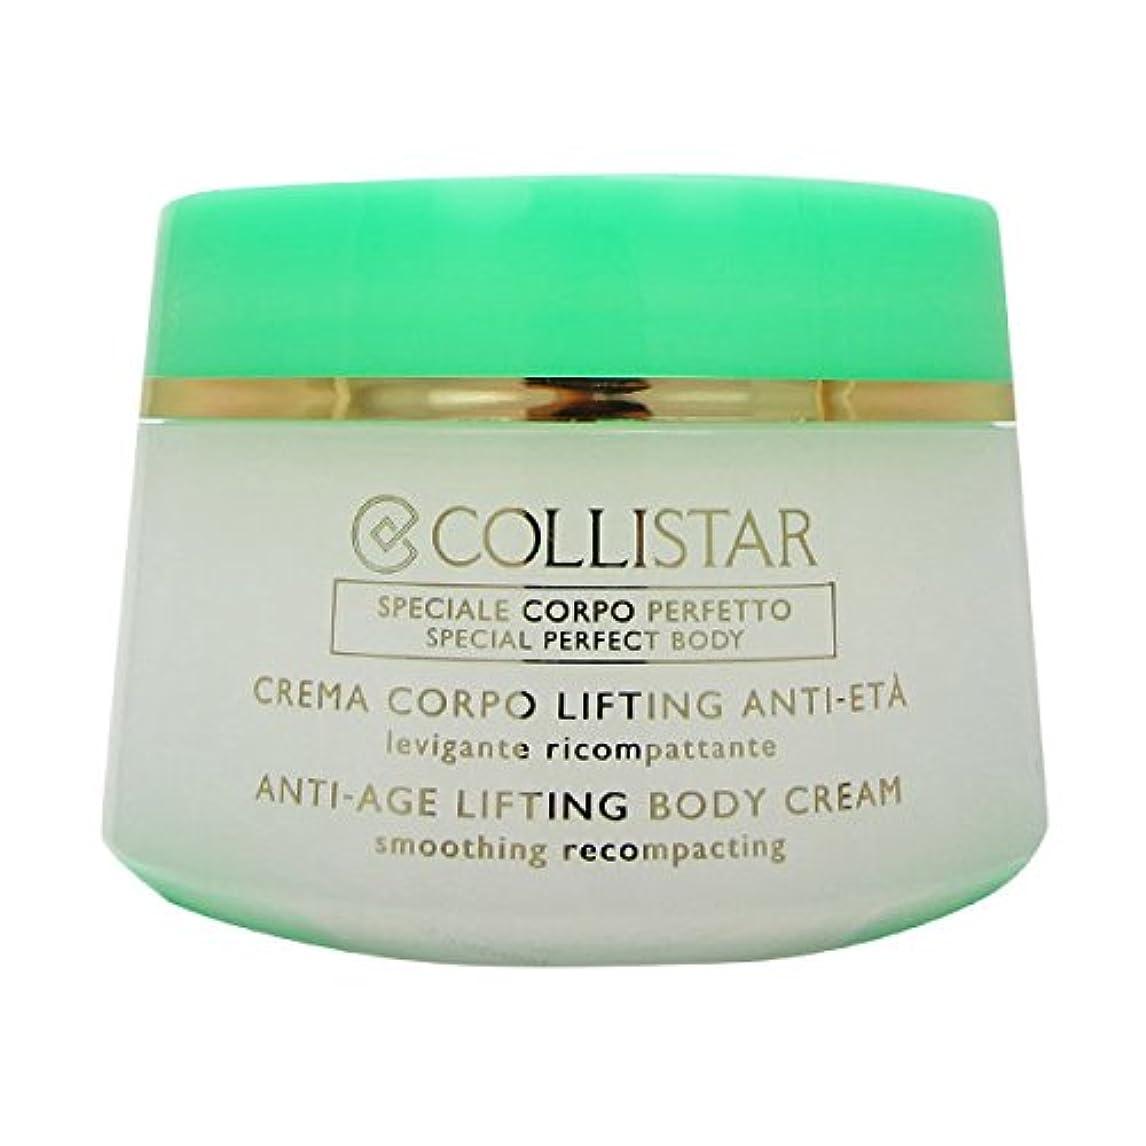 後者ブレーキ区別Collistar Anti-age Lifting Body Cream 400ml [並行輸入品]